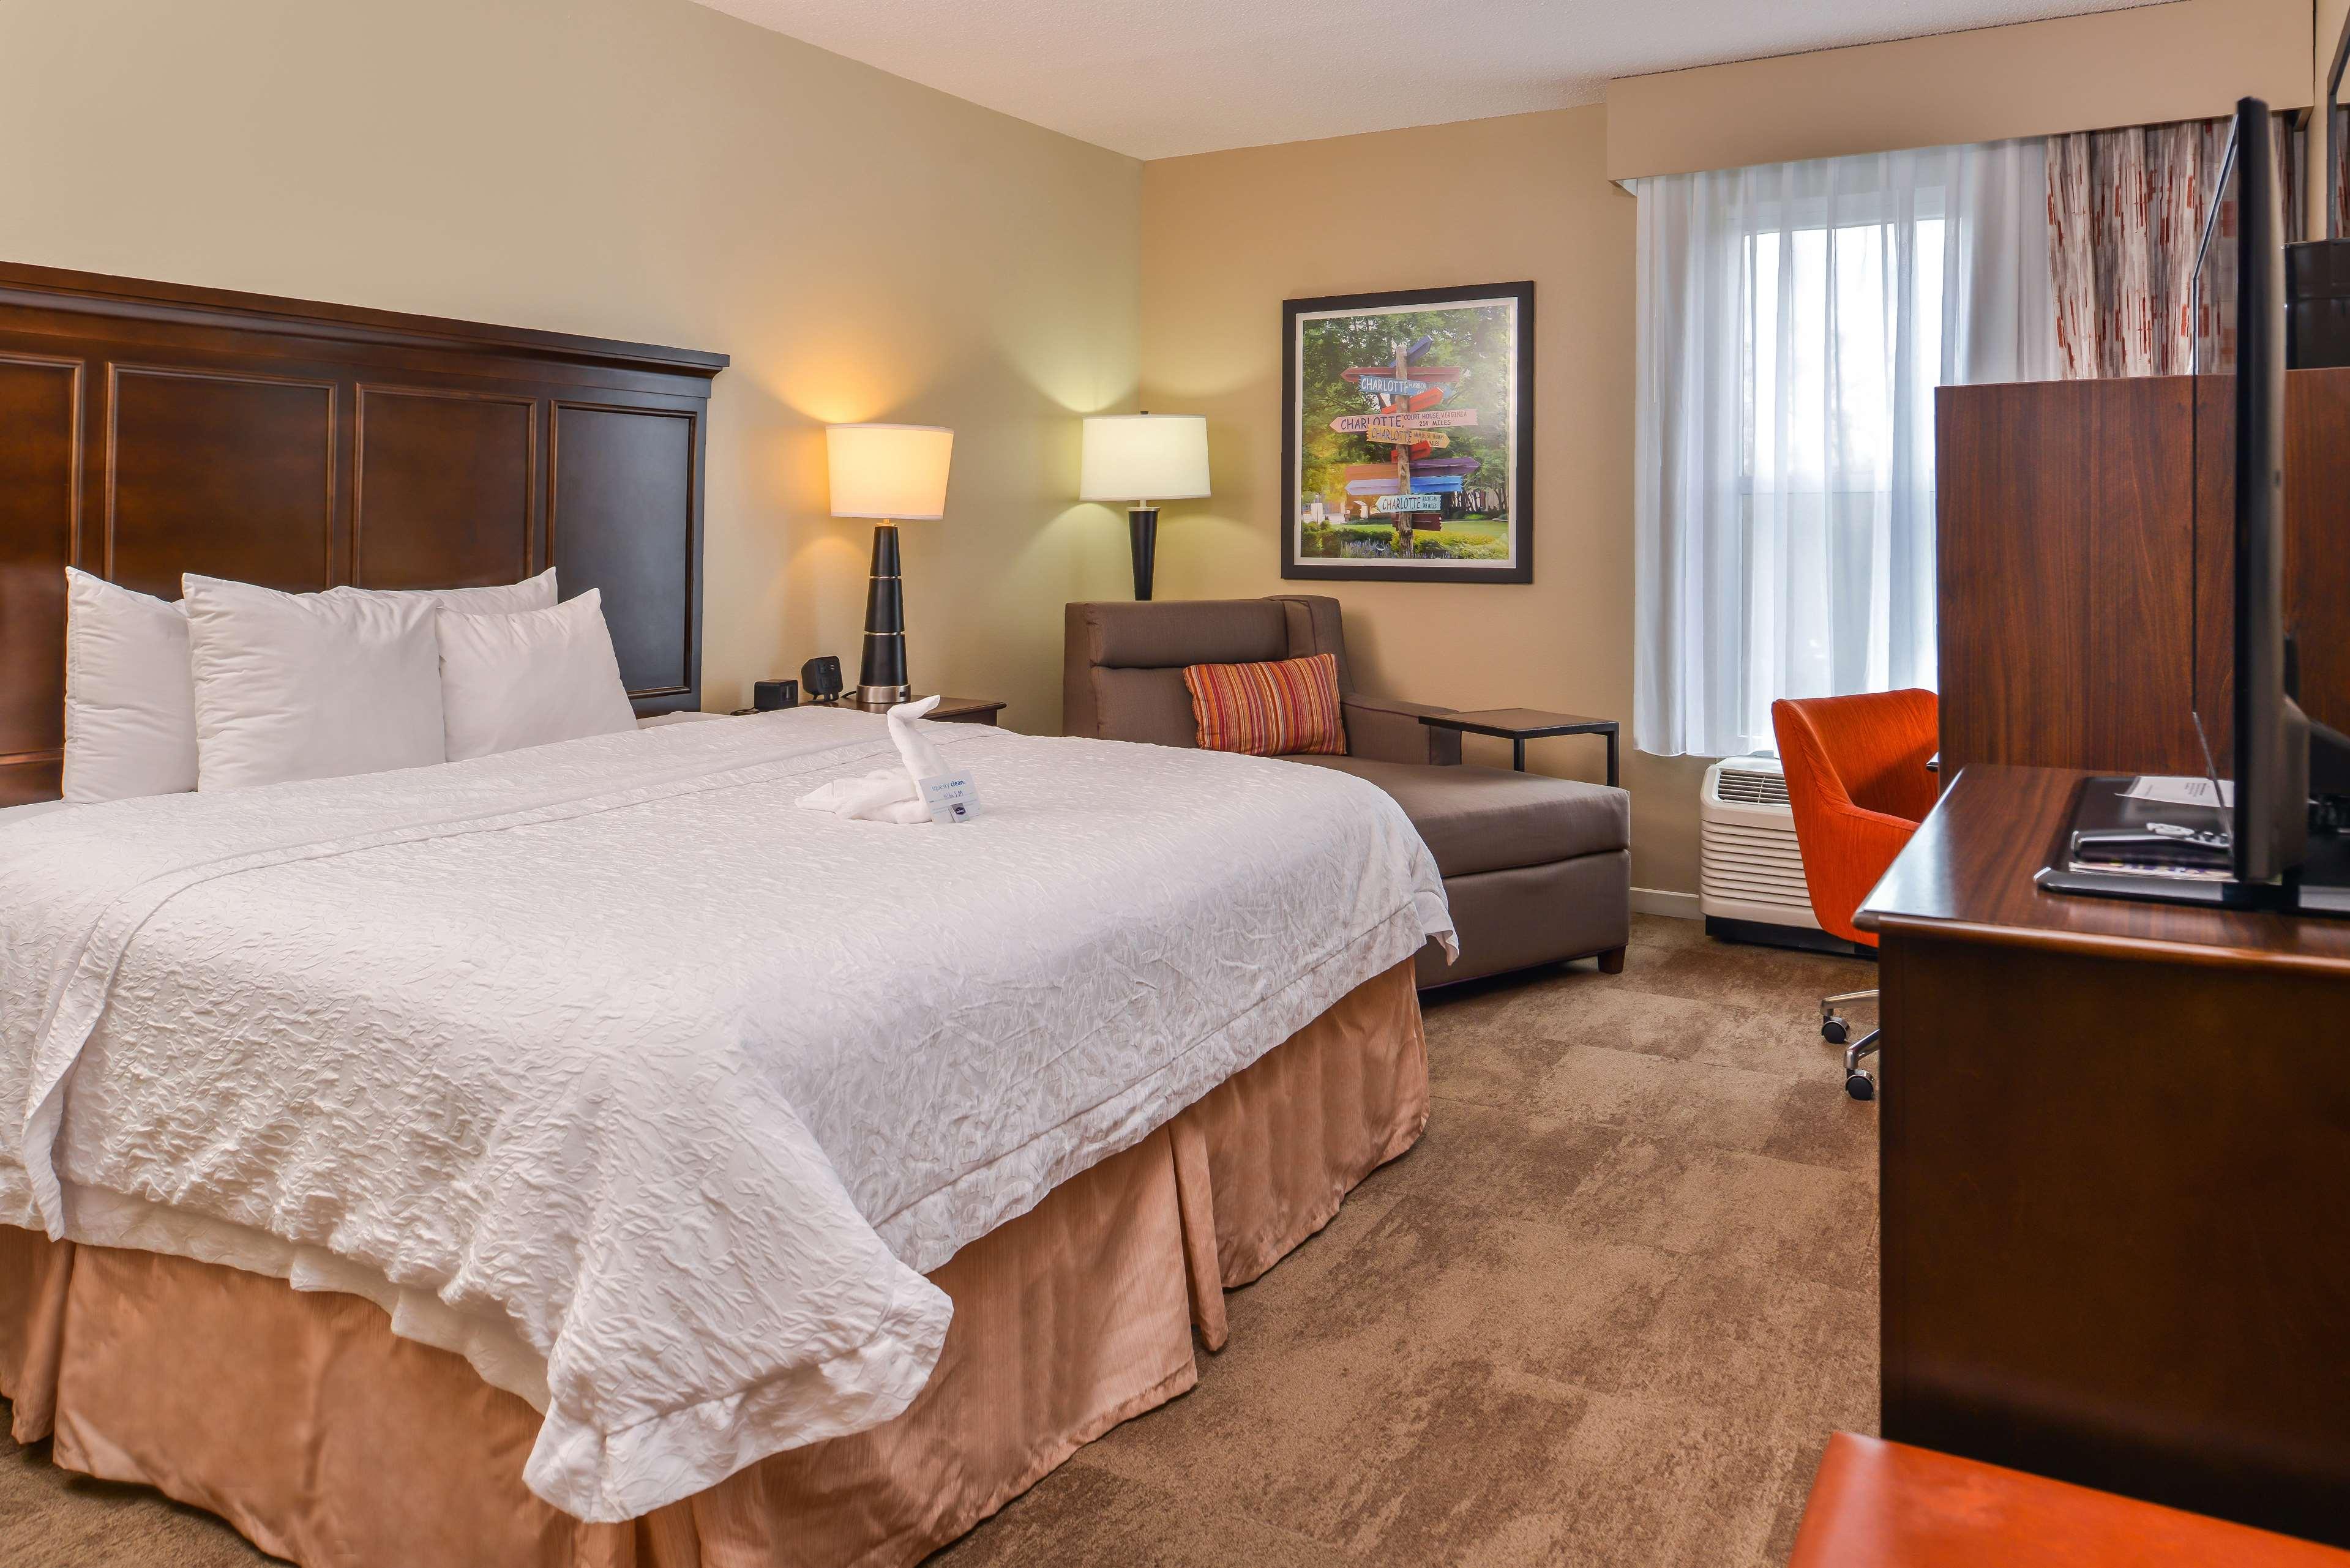 Hampton Inn & Suites Charlotte-Arrowood Rd. image 26